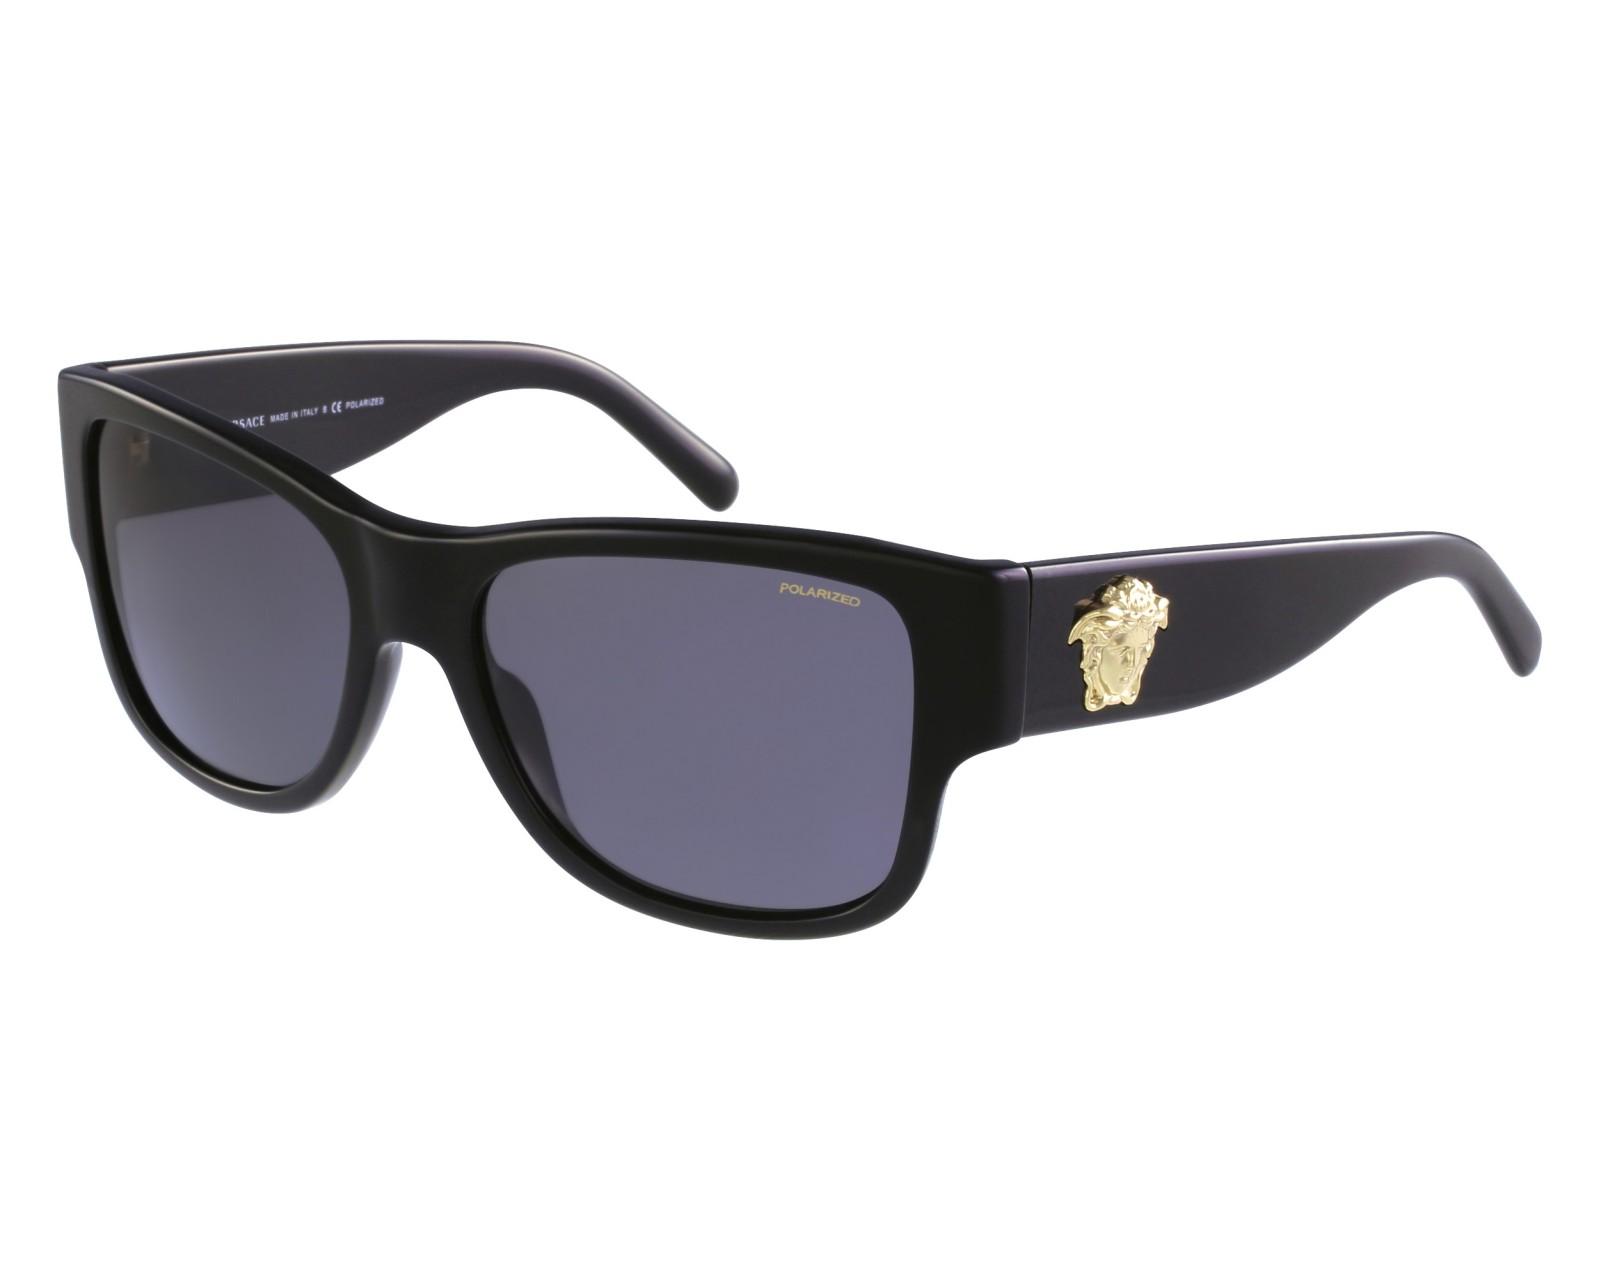 7adc453754 Lunettes de soleil Versace VE-4275 GB1/81 58-18 Noir vue de